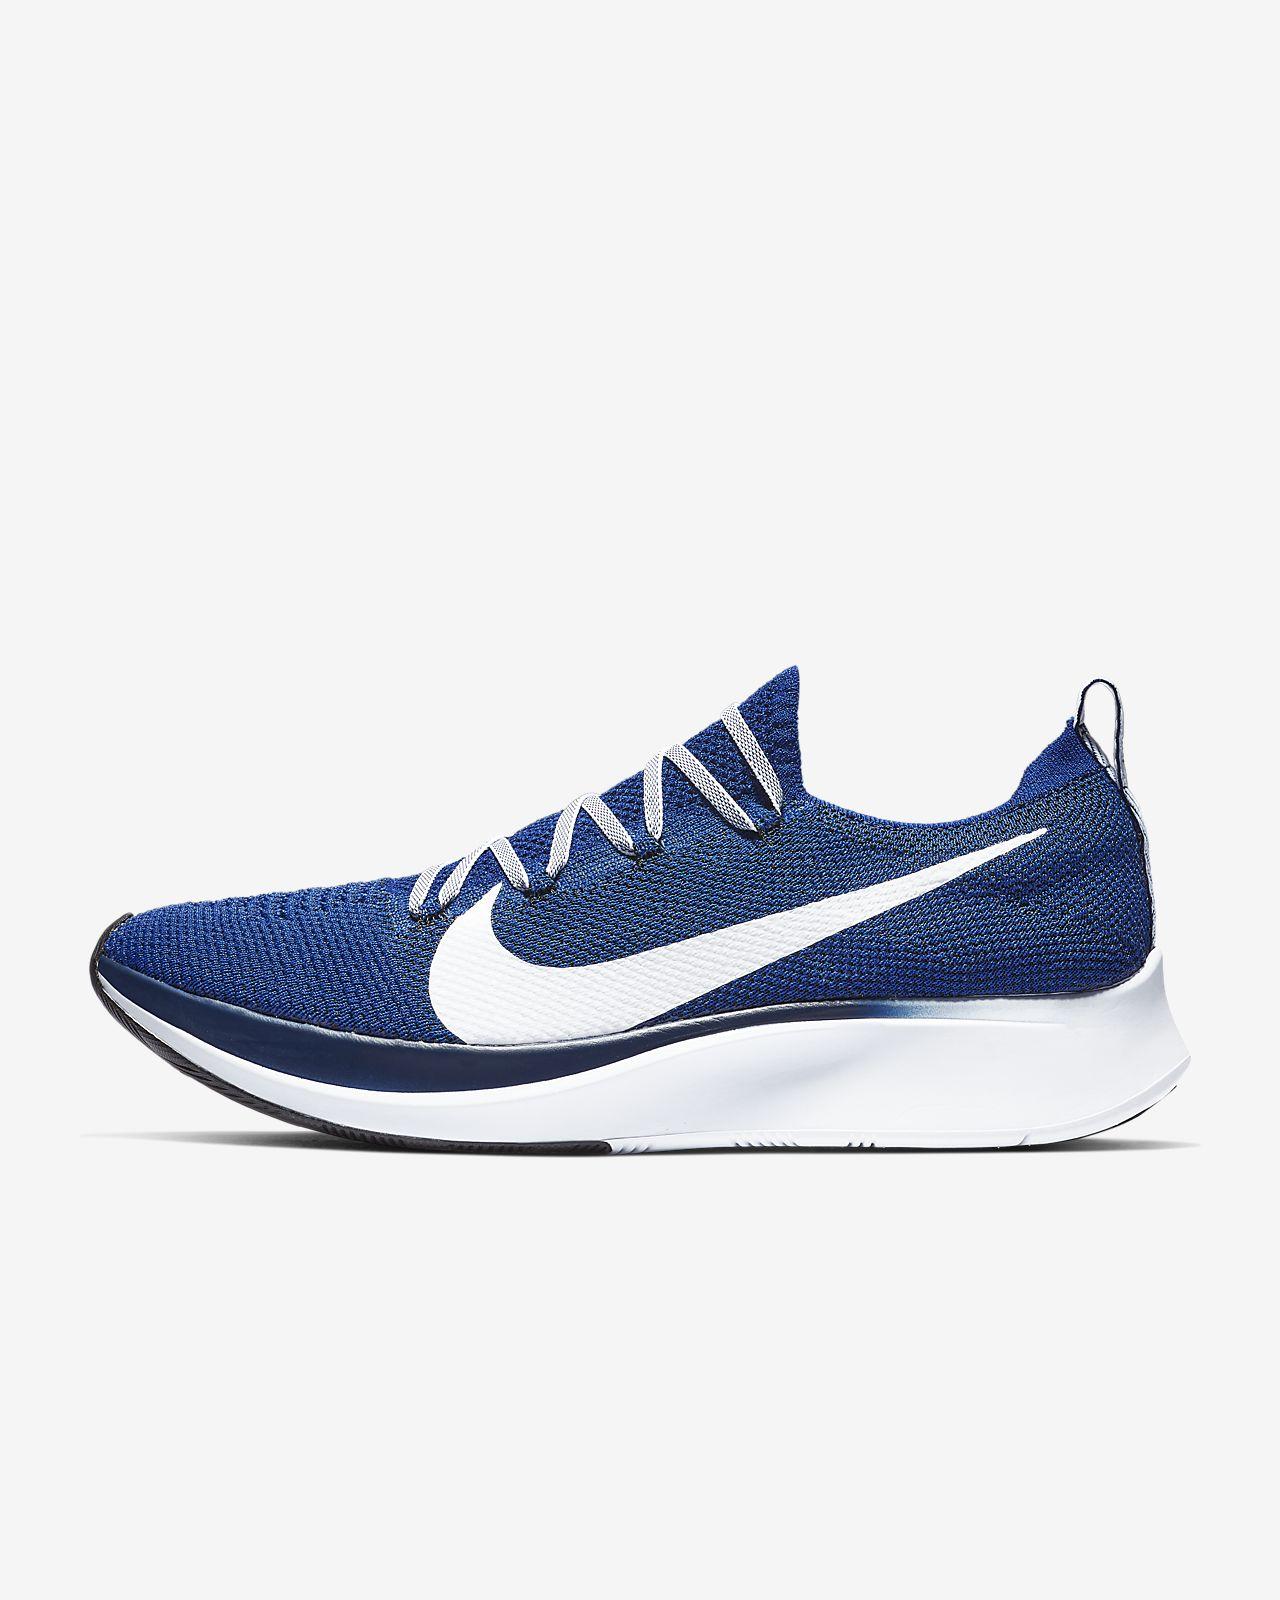 Calzado de running para hombre Nike Zoom Fly Flyknit